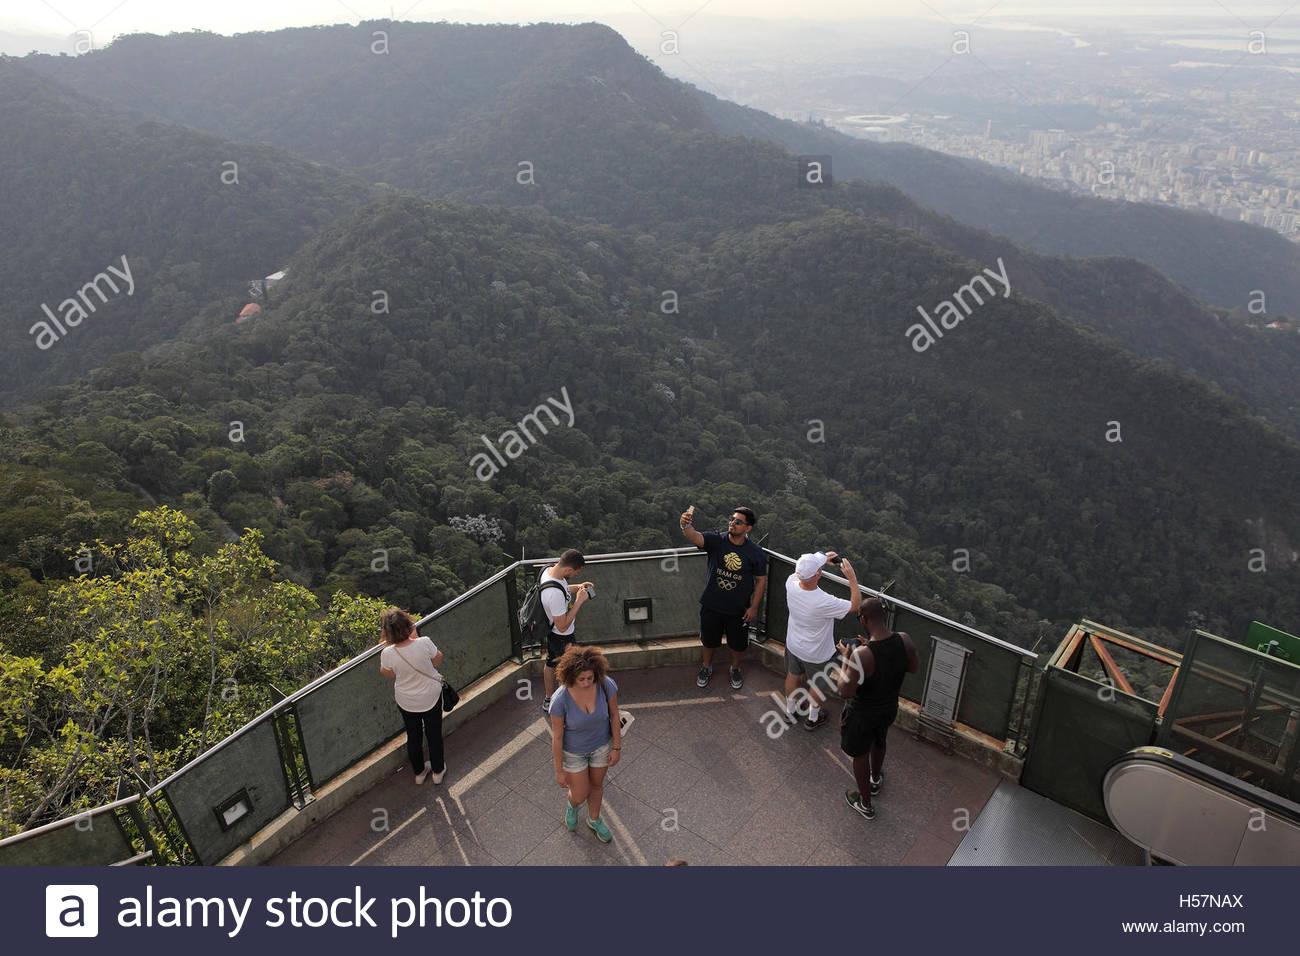 I turisti su una piattaforma di osservazione presso il sito della statua del Cristo Redentore, Rio de Janeiro, Brasile Foto Stock